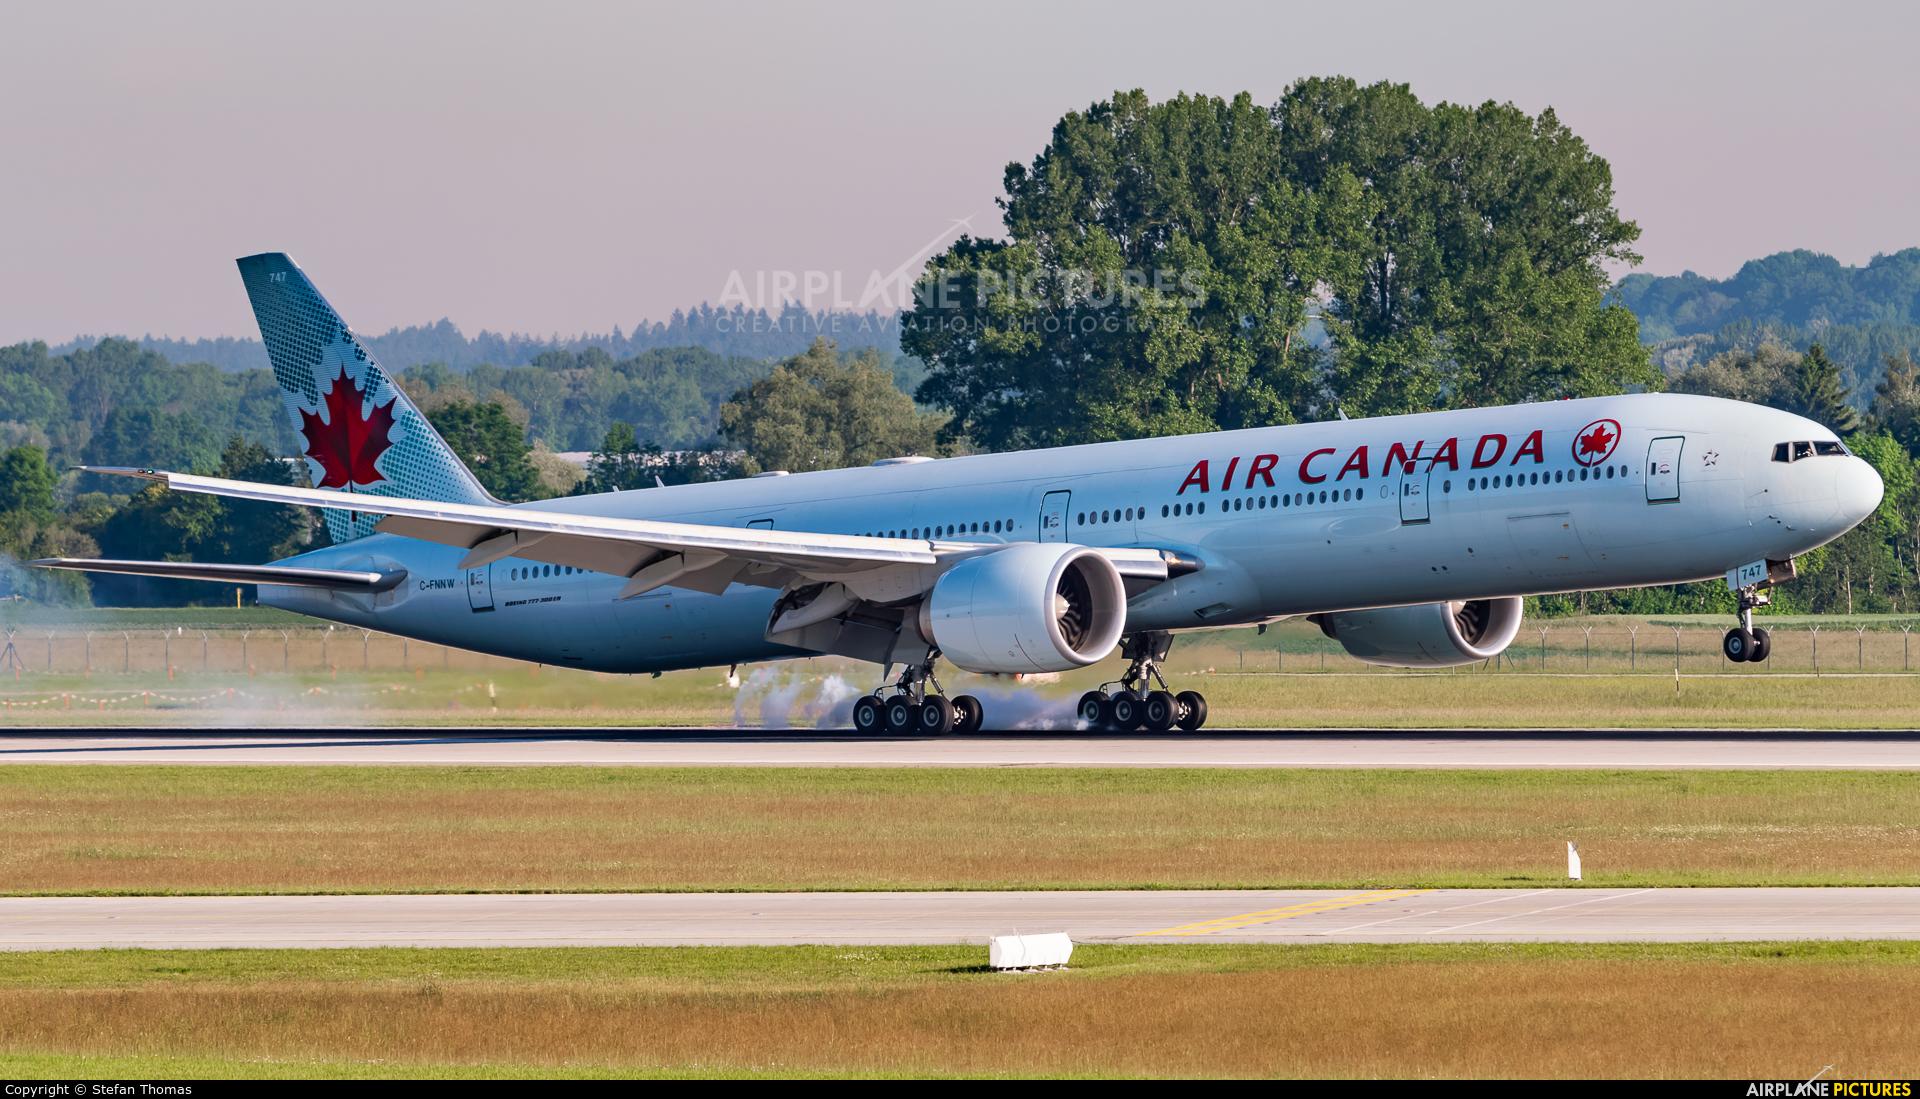 Air Canada C-FNNW aircraft at Munich